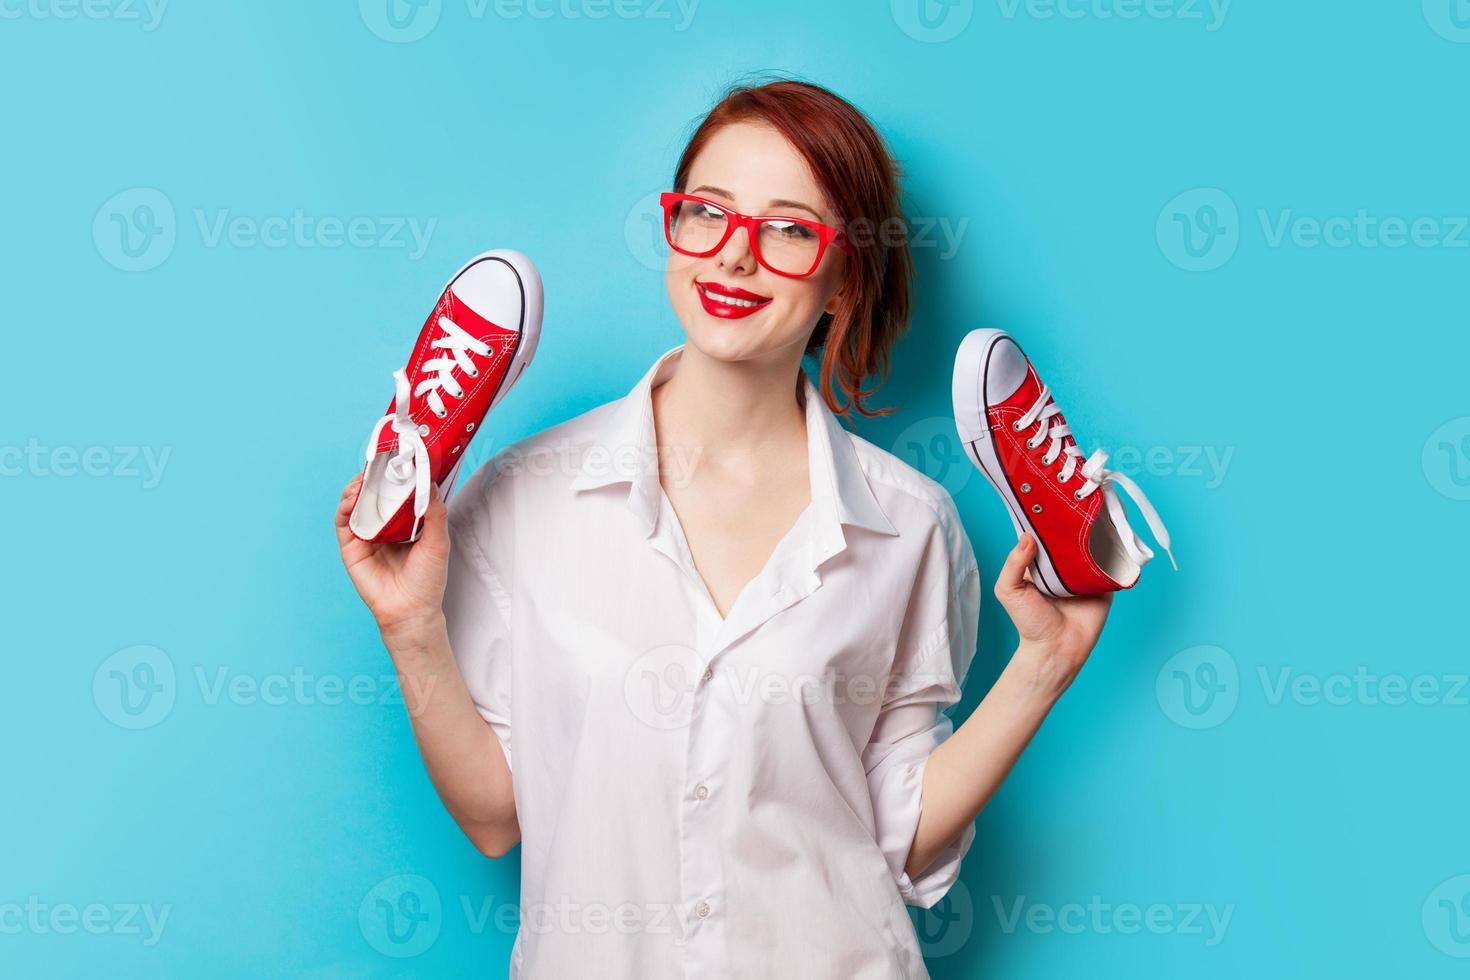 schönes rothaariges Mädchen im weißen Hemd mit Gummischuhen foto